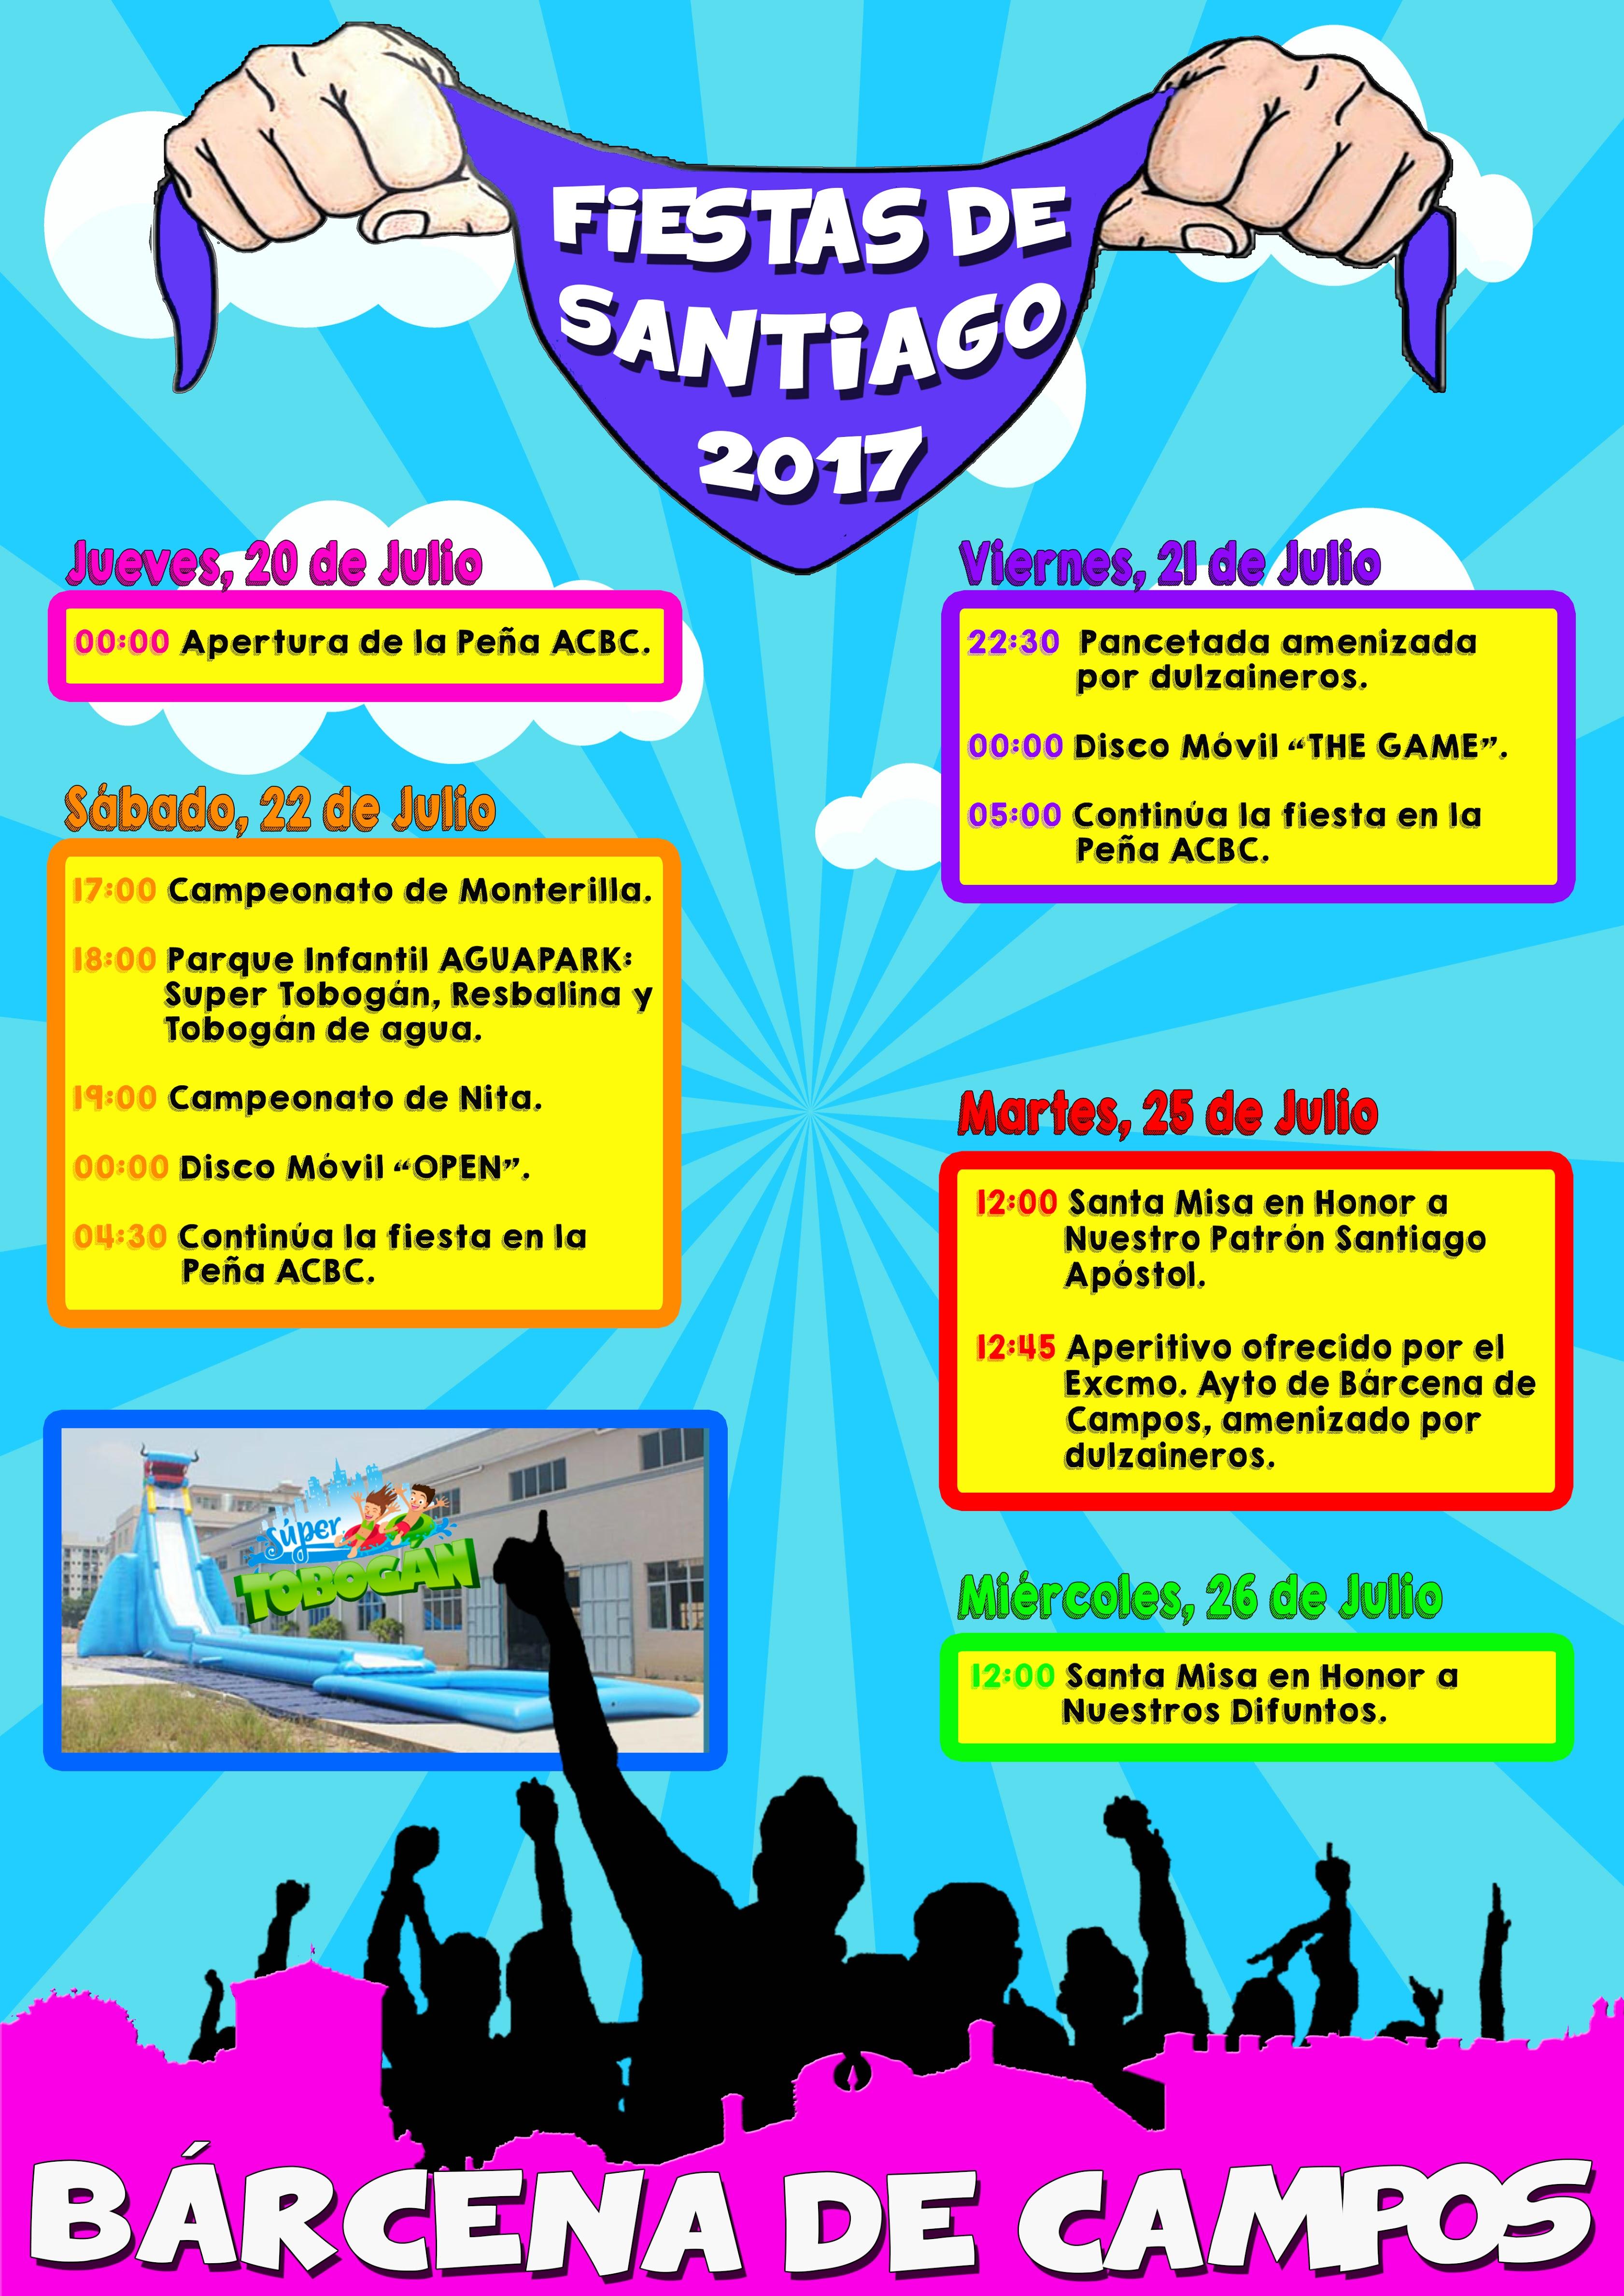 Fiestas de Santiago 2017